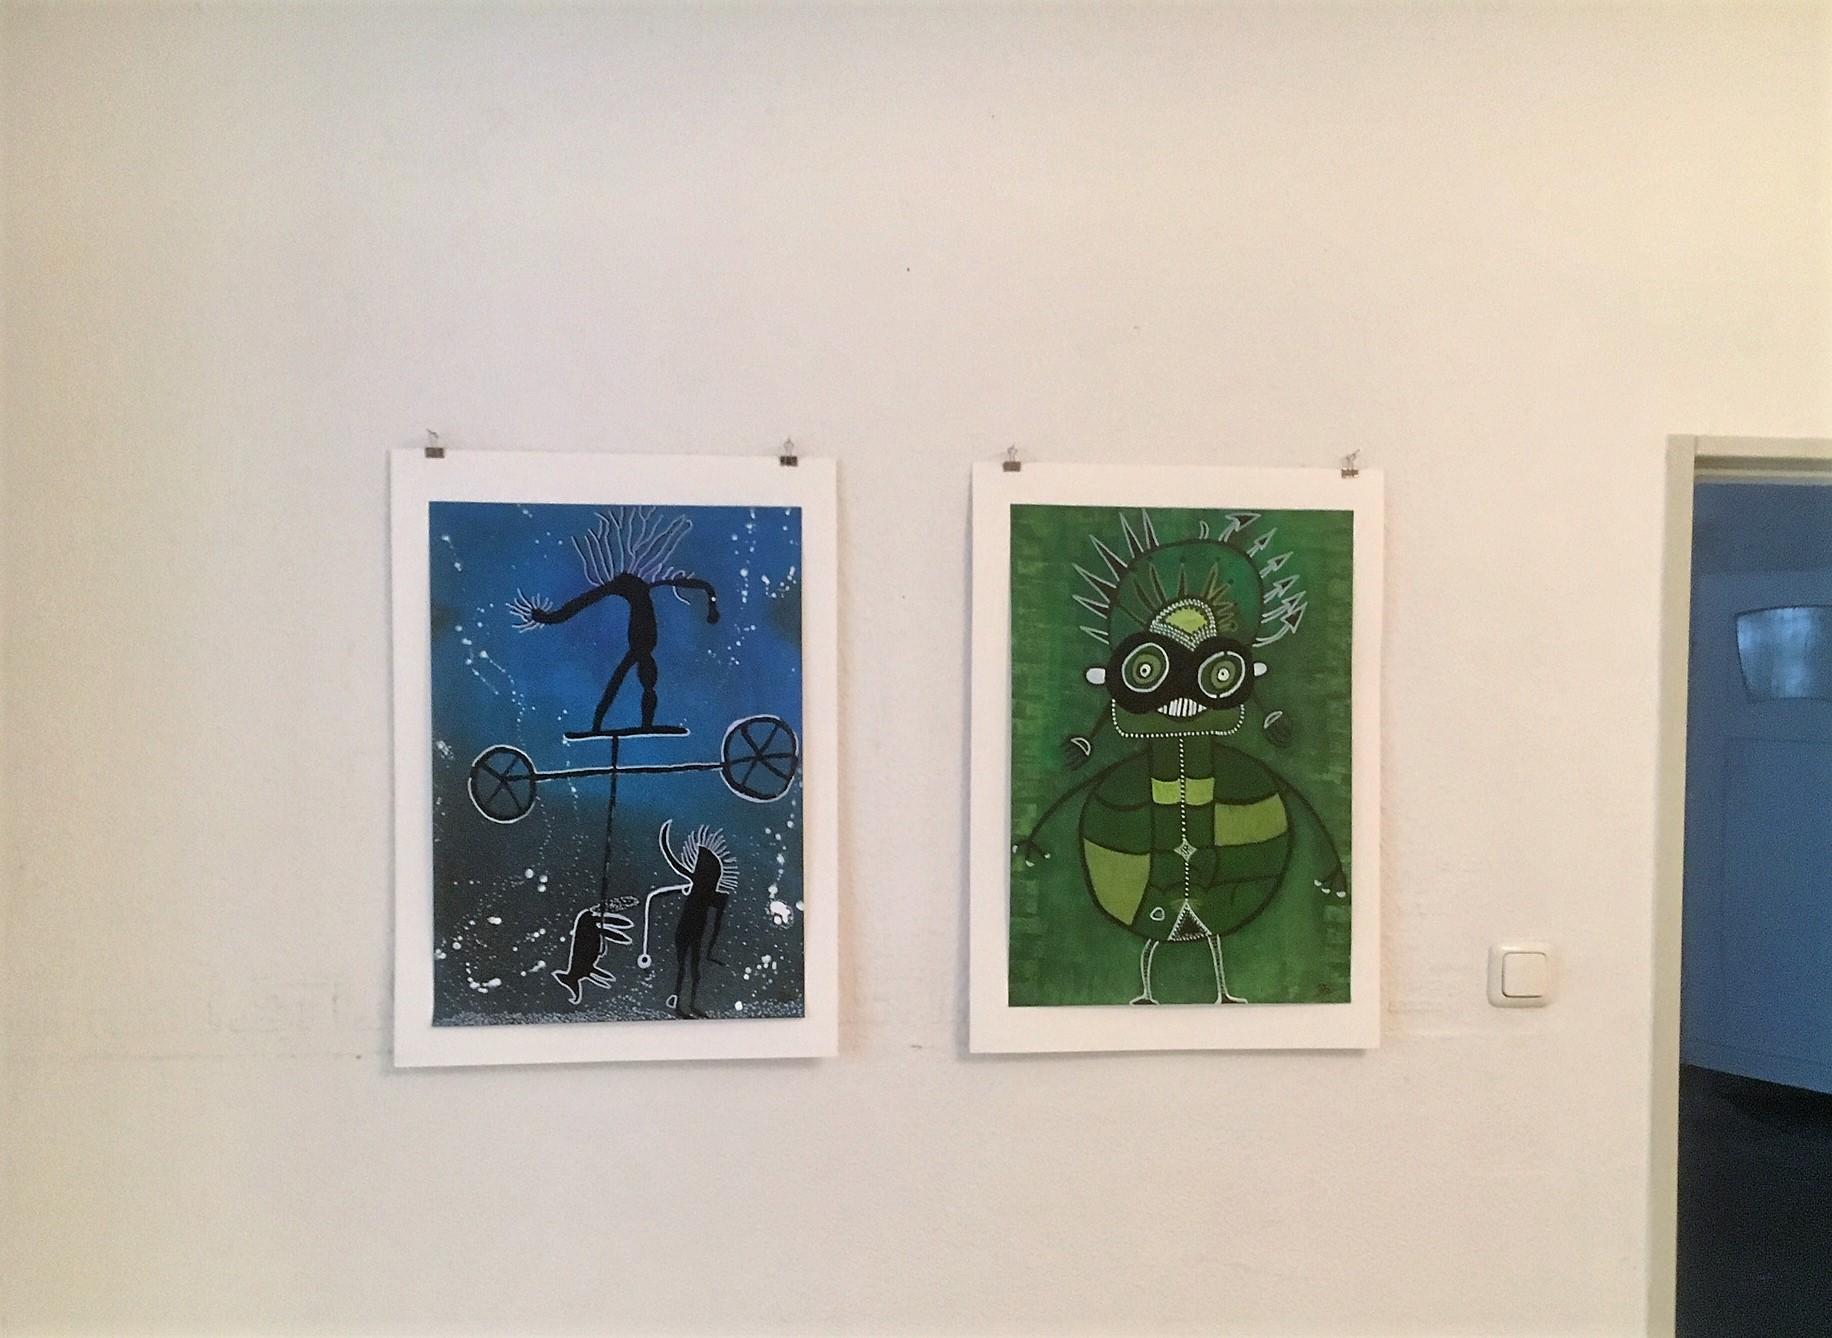 """Museale Einzelausstellung: Brigitte Zipp """"ZWISCHENWELTEN"""" Galerie an der Ruhr 24. November bis 31. Dezember 2018"""